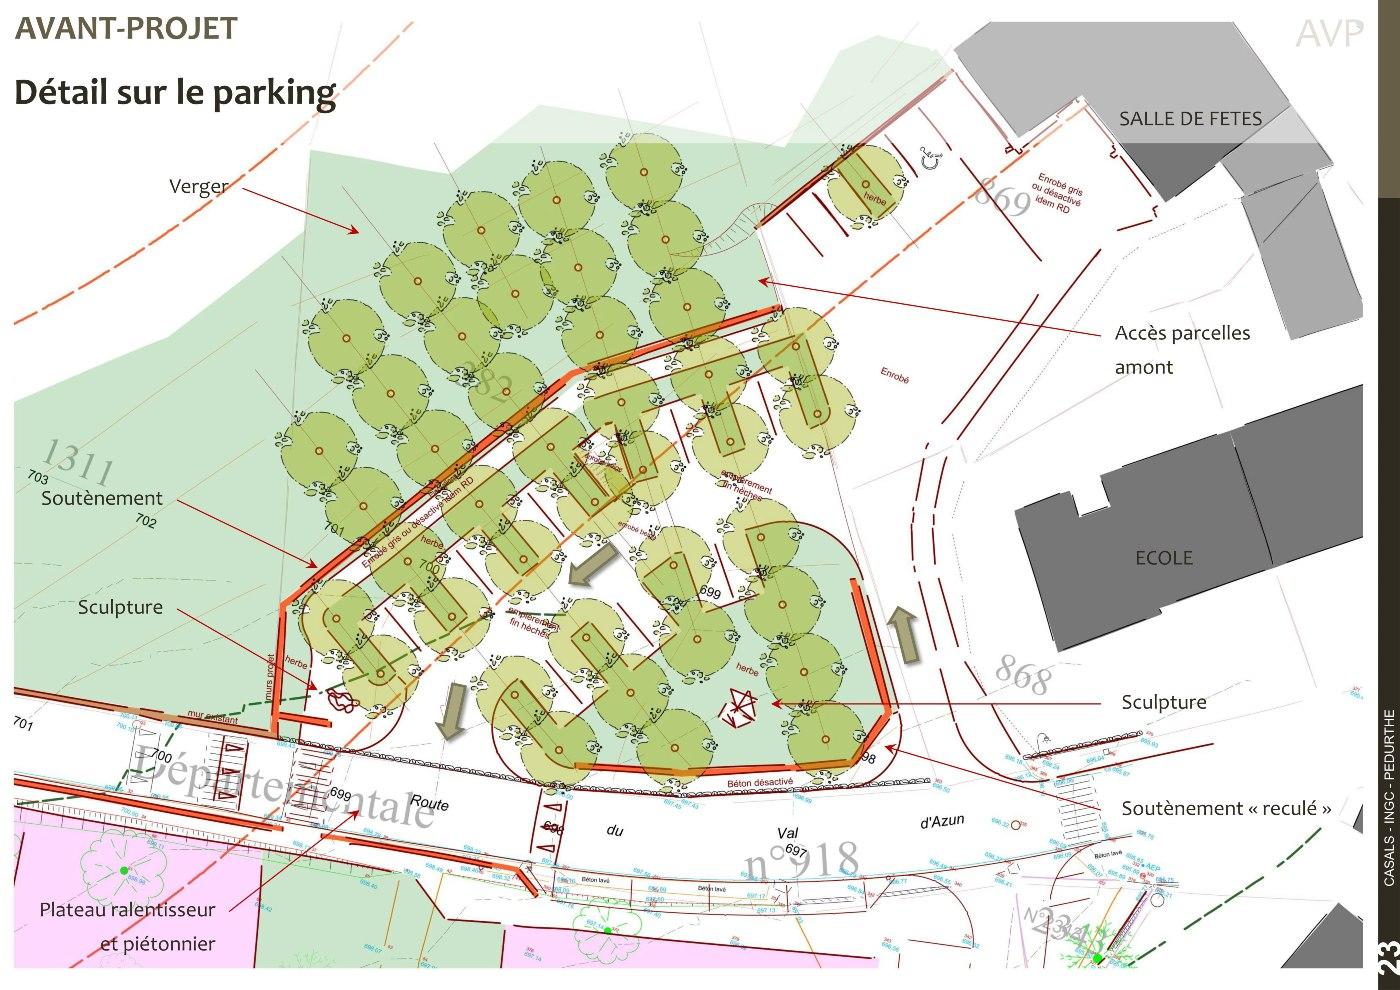 Plan masse AVP, détail du stationnement de l'école